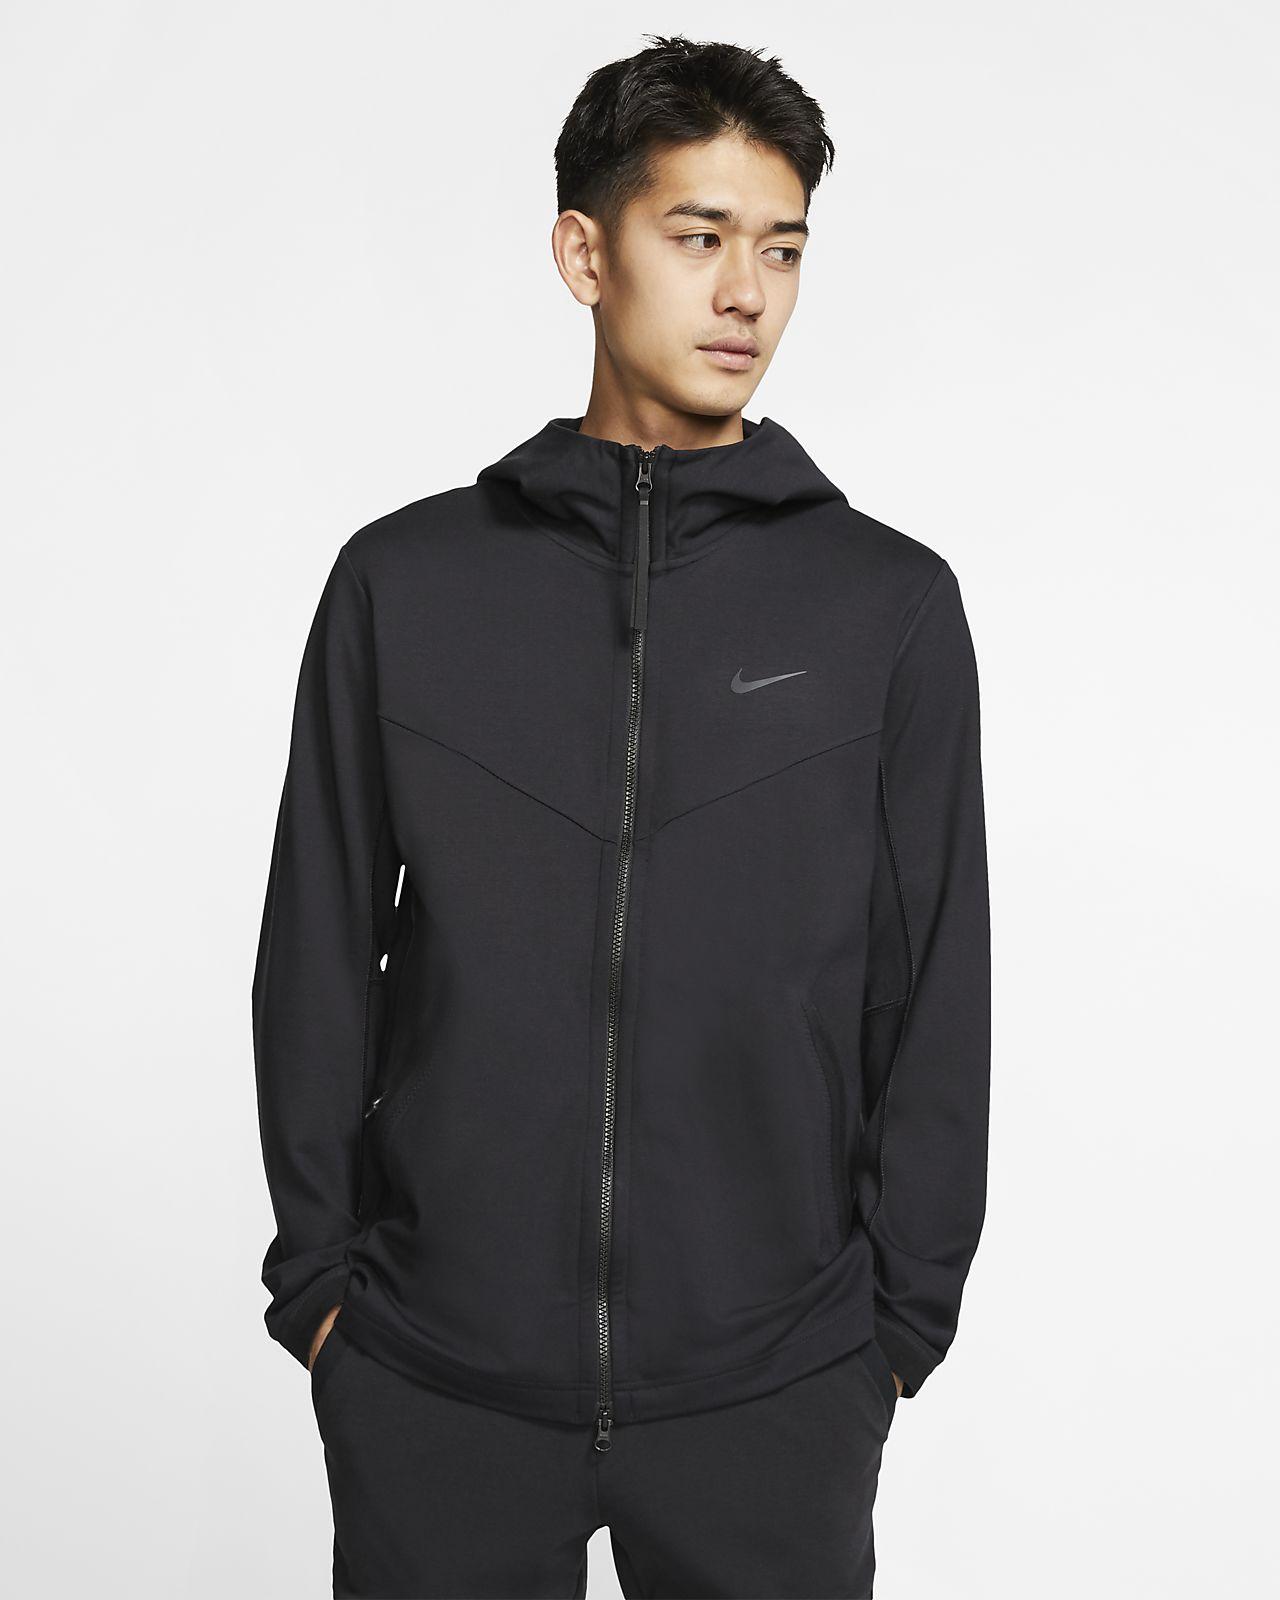 Nike Sportswear Tech Pack Chaqueta con capucha y cremallera completa - Hombre